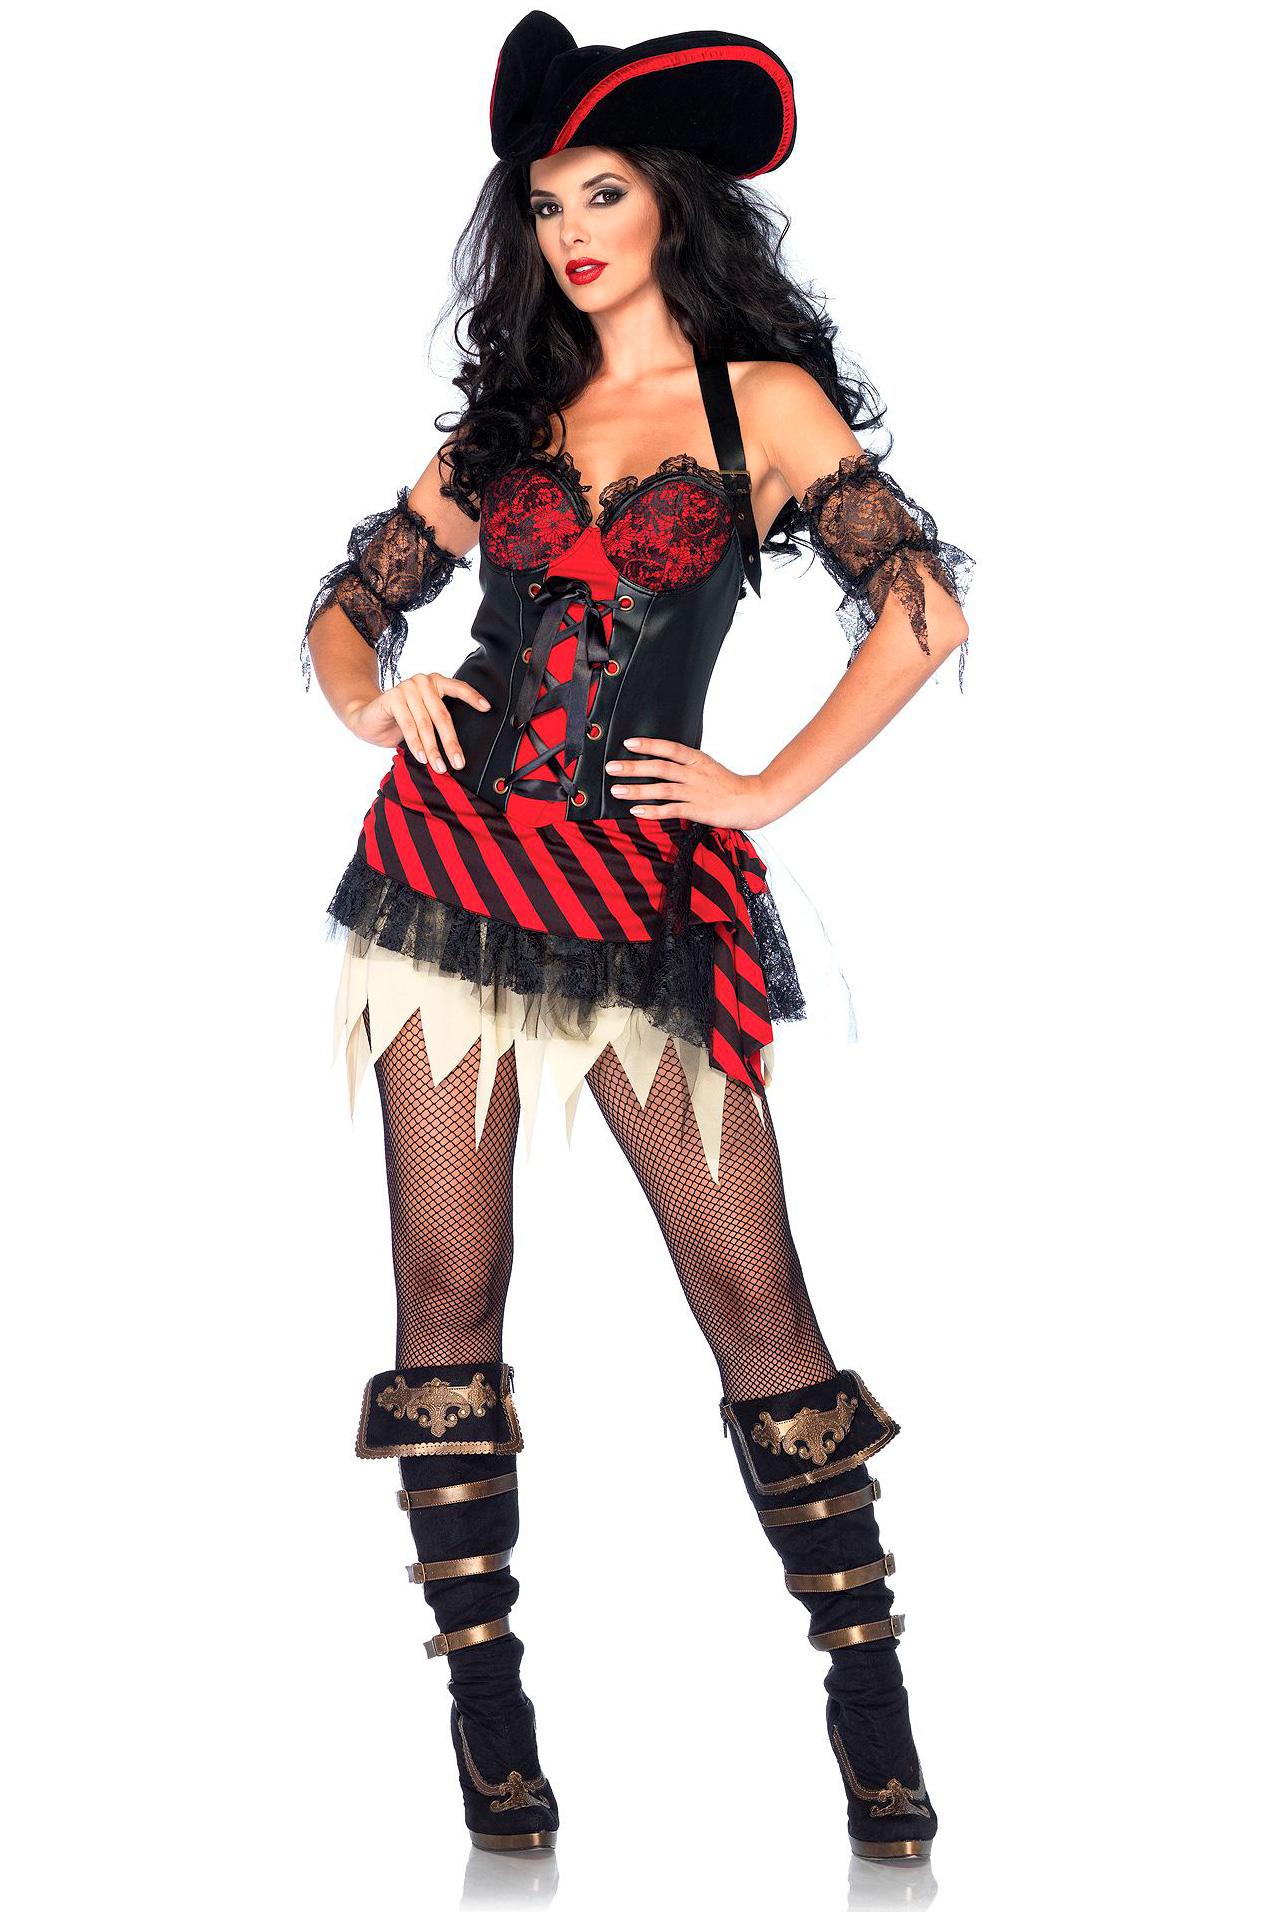 менее костюм пиратки для взрослы картинки один двух самых